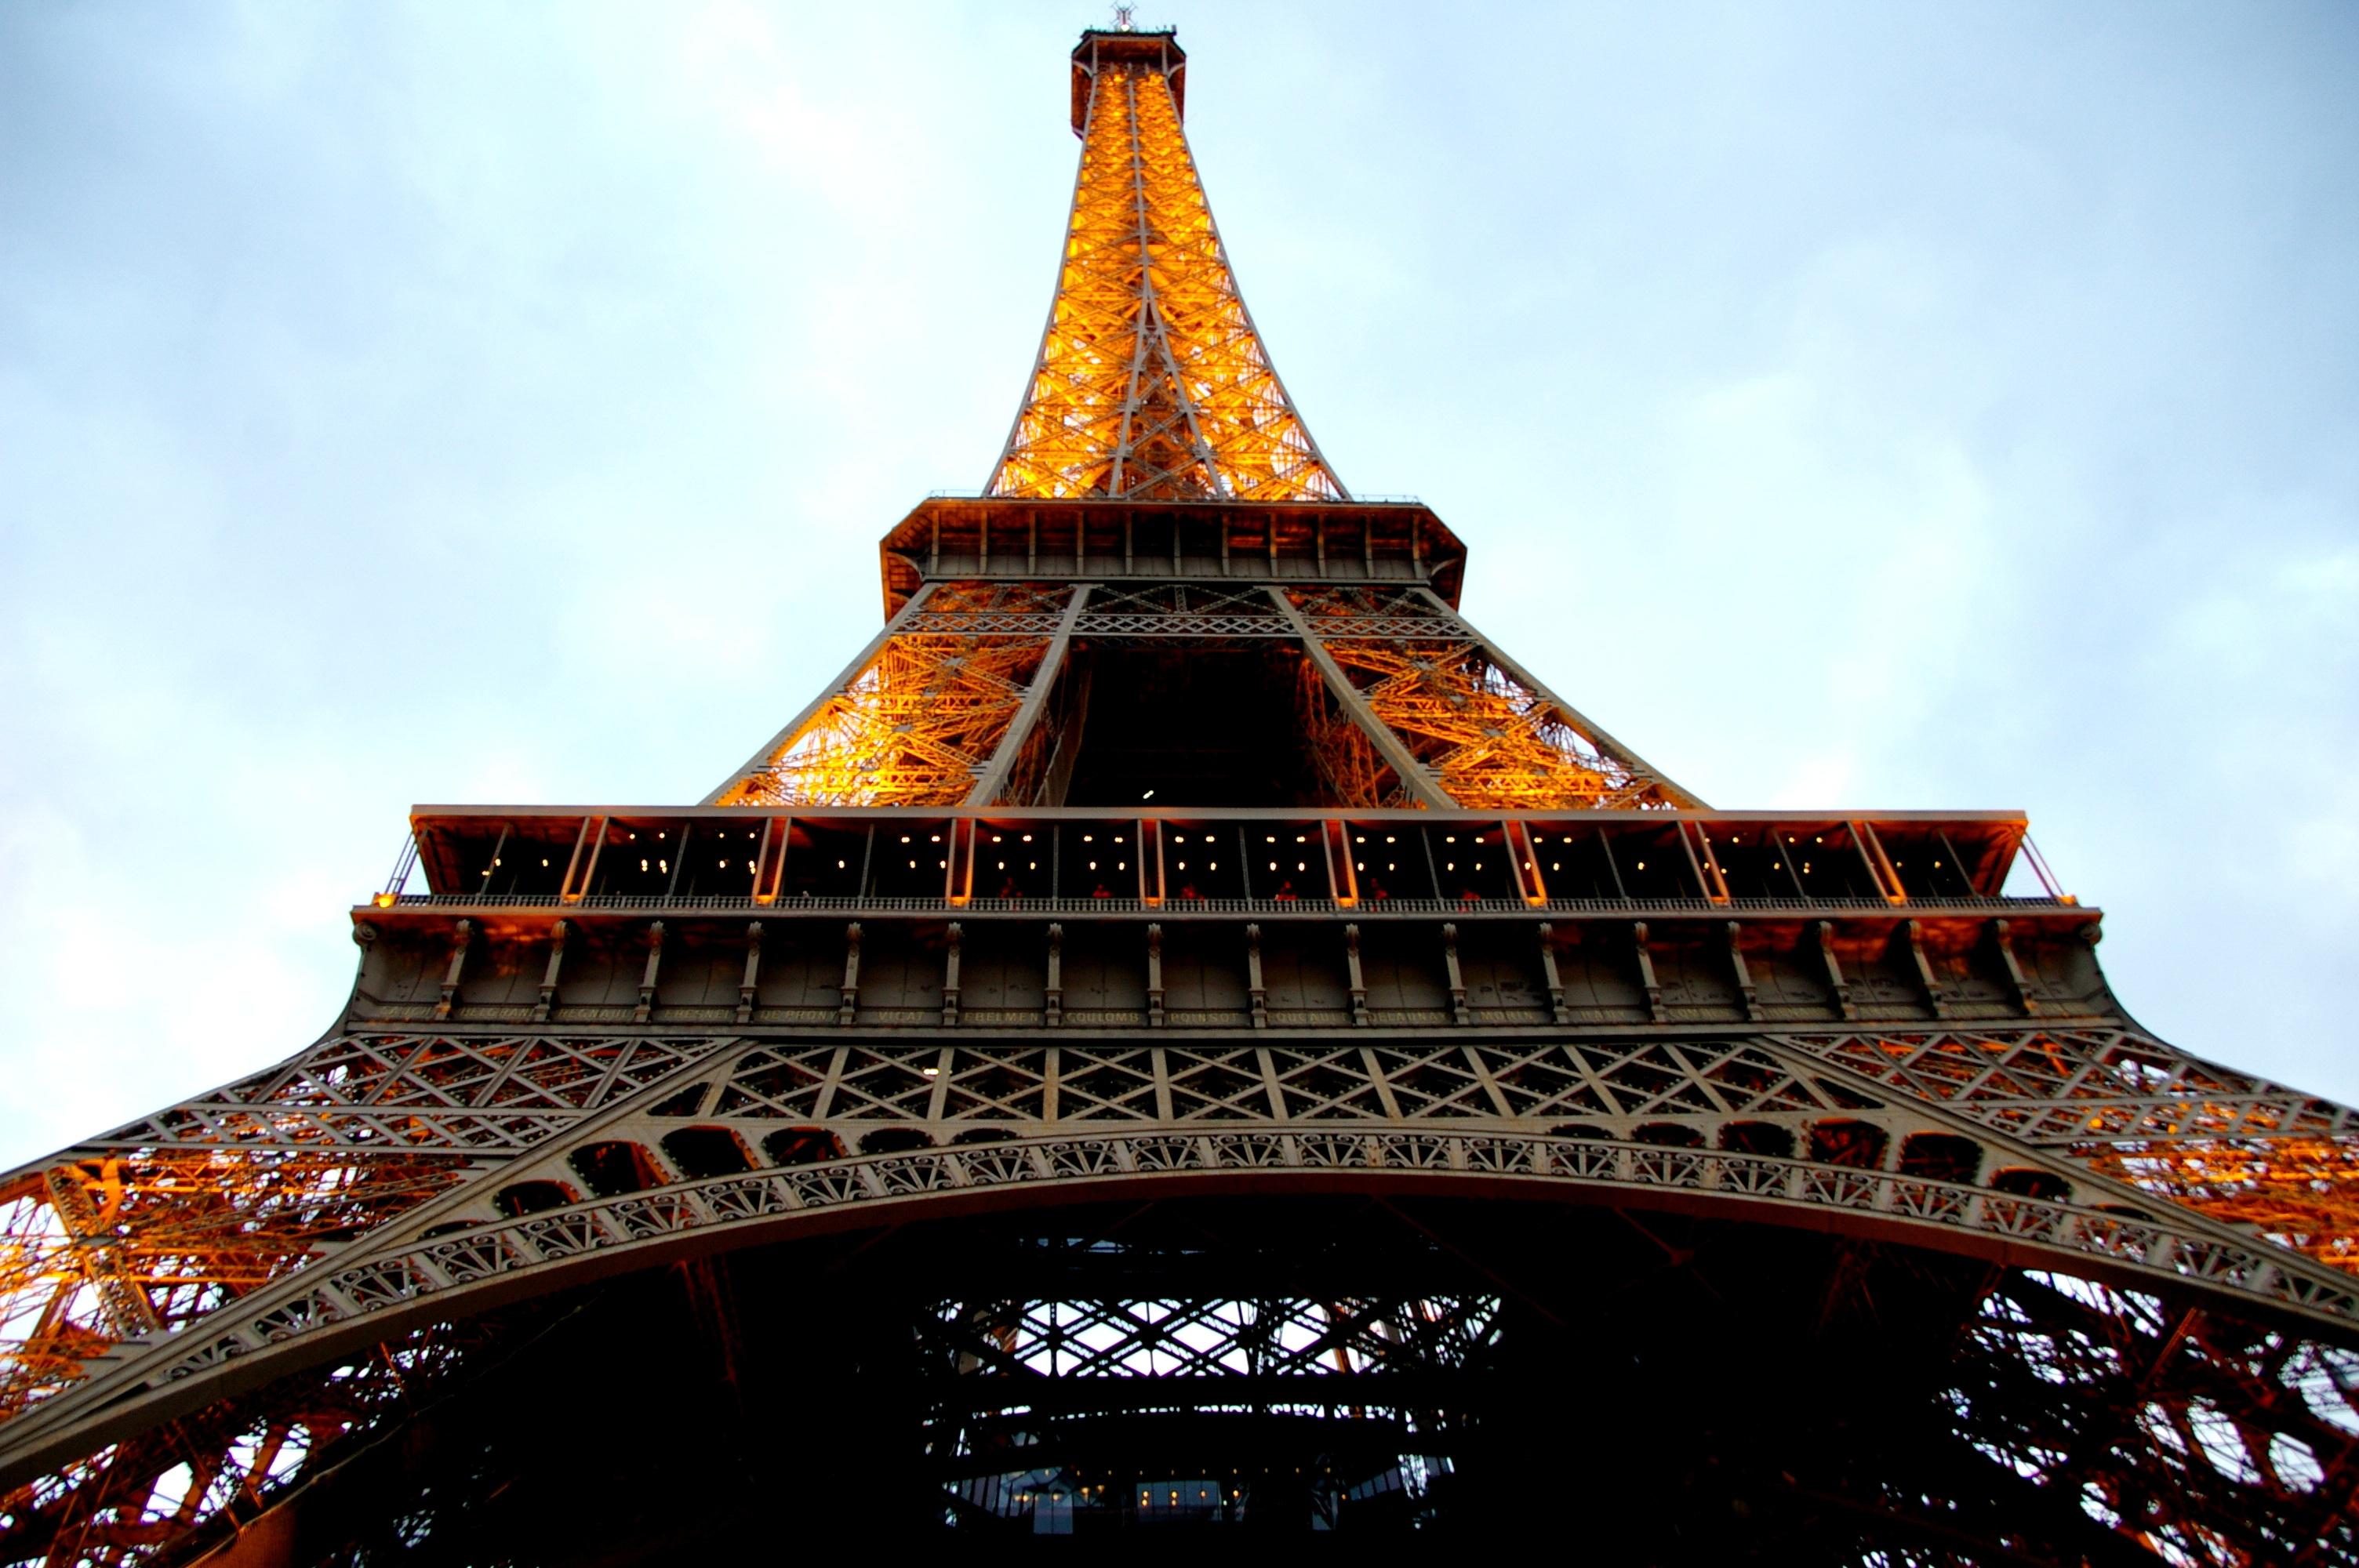 Bildet Arkitektur Natt Utsikt Bygning Eiffeltarnet Paris Speilbilde Tarn Landemerke Gudshus Tur Eiffel Tinning Pagoda Ingenior Utformingen Av Stalkonstruksjon Hovedstaden I Frankrike 3008x2000 1290711 Bilder Gratis Pxhere